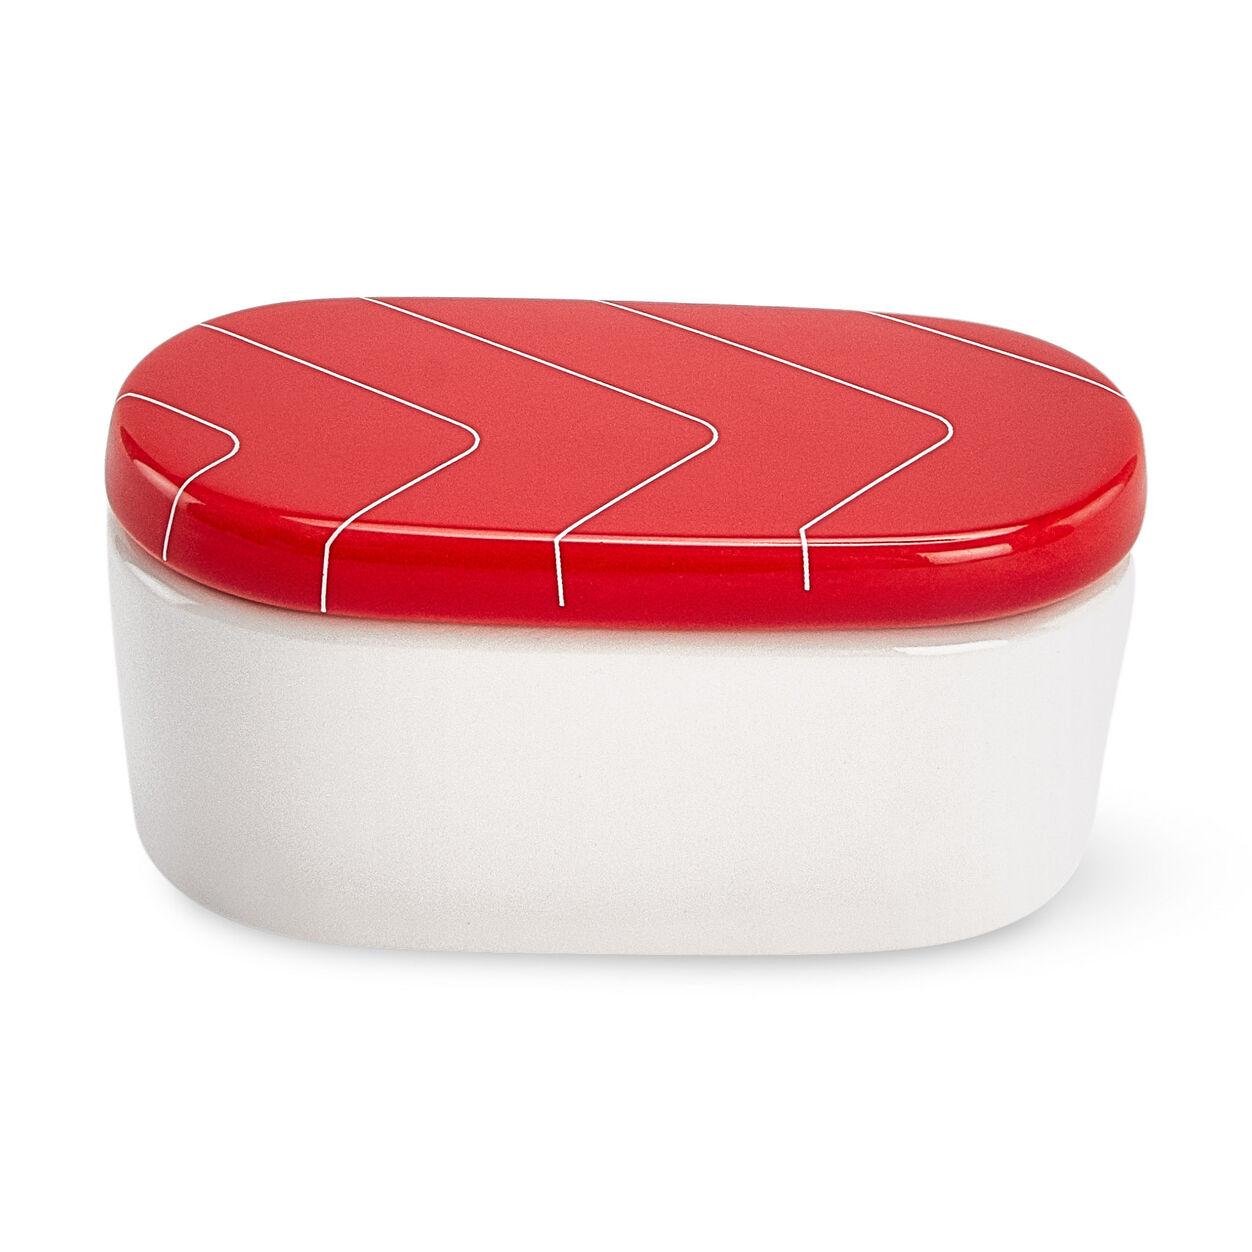 NAM Ceramics - Sauce Bowl